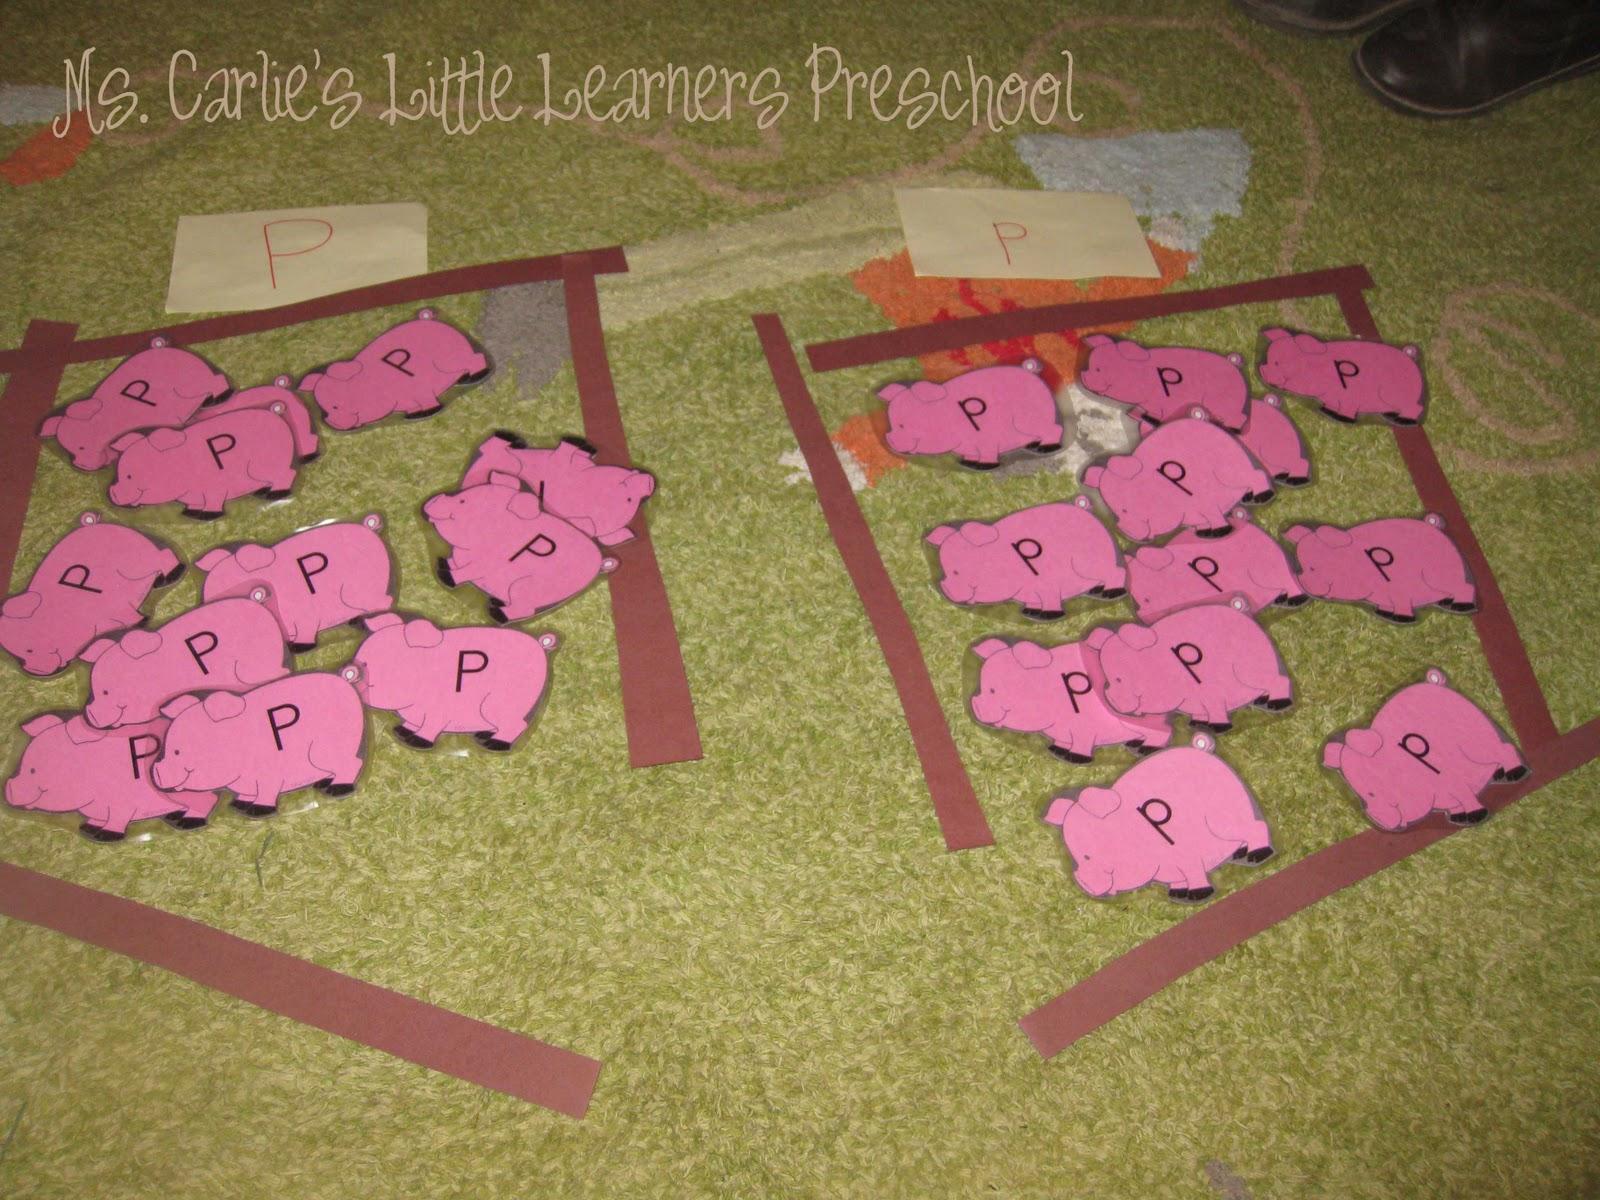 Ms Carlie S Little Learners Preschool Letter P Games